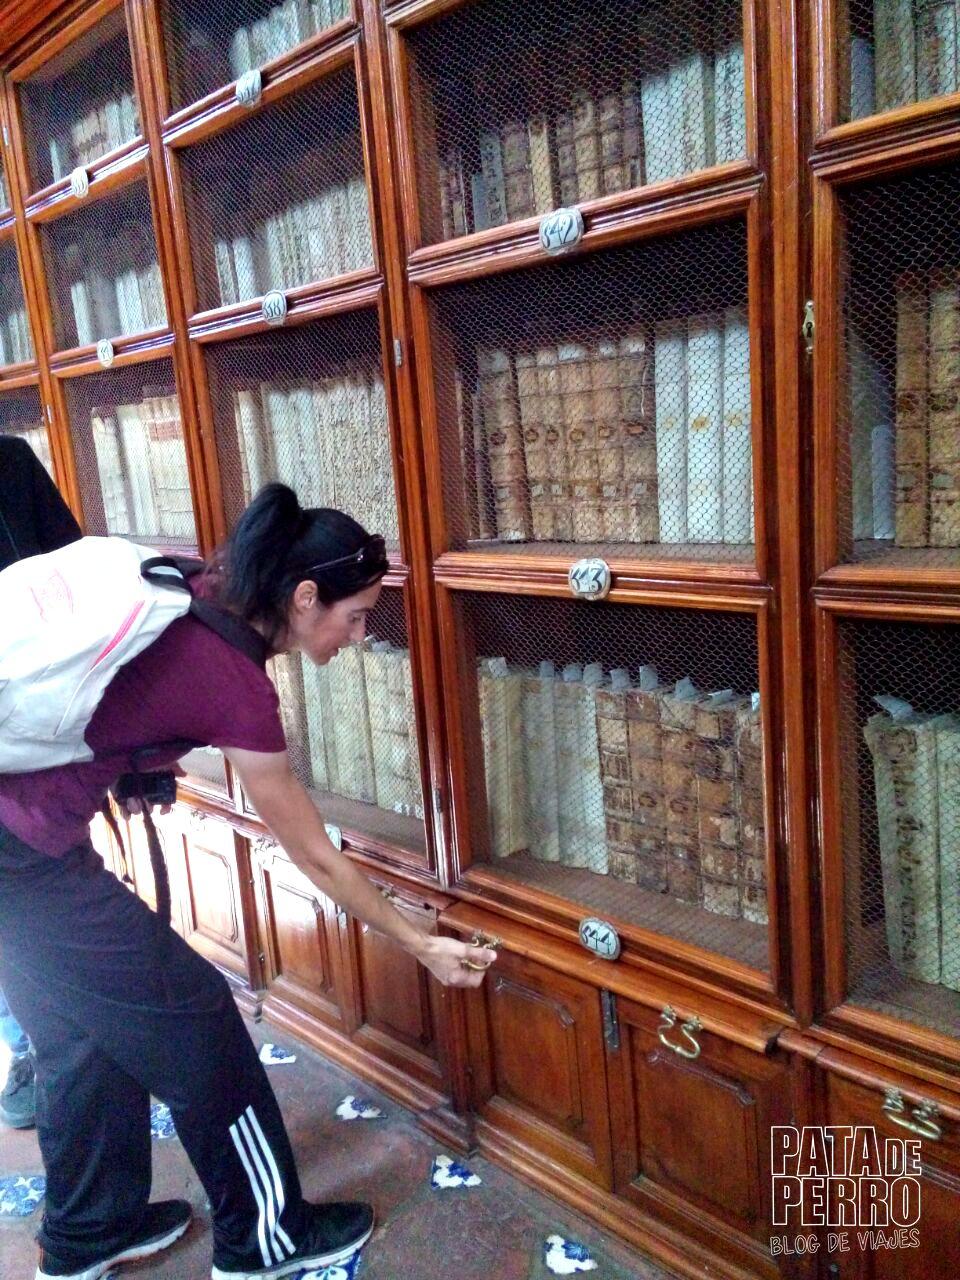 biblioteca-palafoxiana-la-primera-biblioteca-publica-de-america-pata-de-perro-blog-de-viajes-puebla-mexico-02